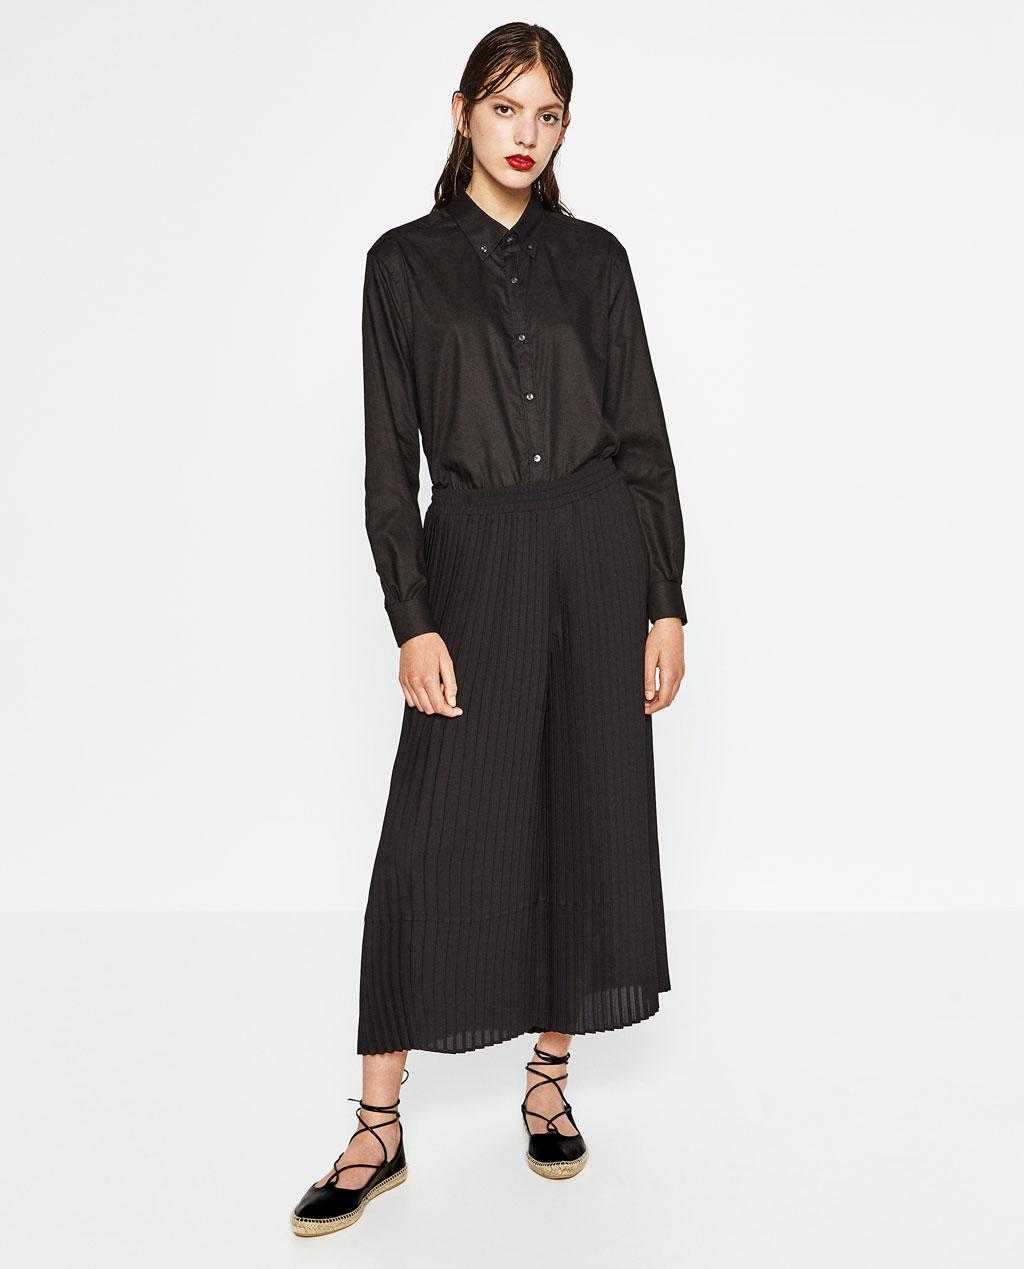 Catalogo De Pantalones De Zara Para Mujer Otono Invierno 2021 Tendenzias Com